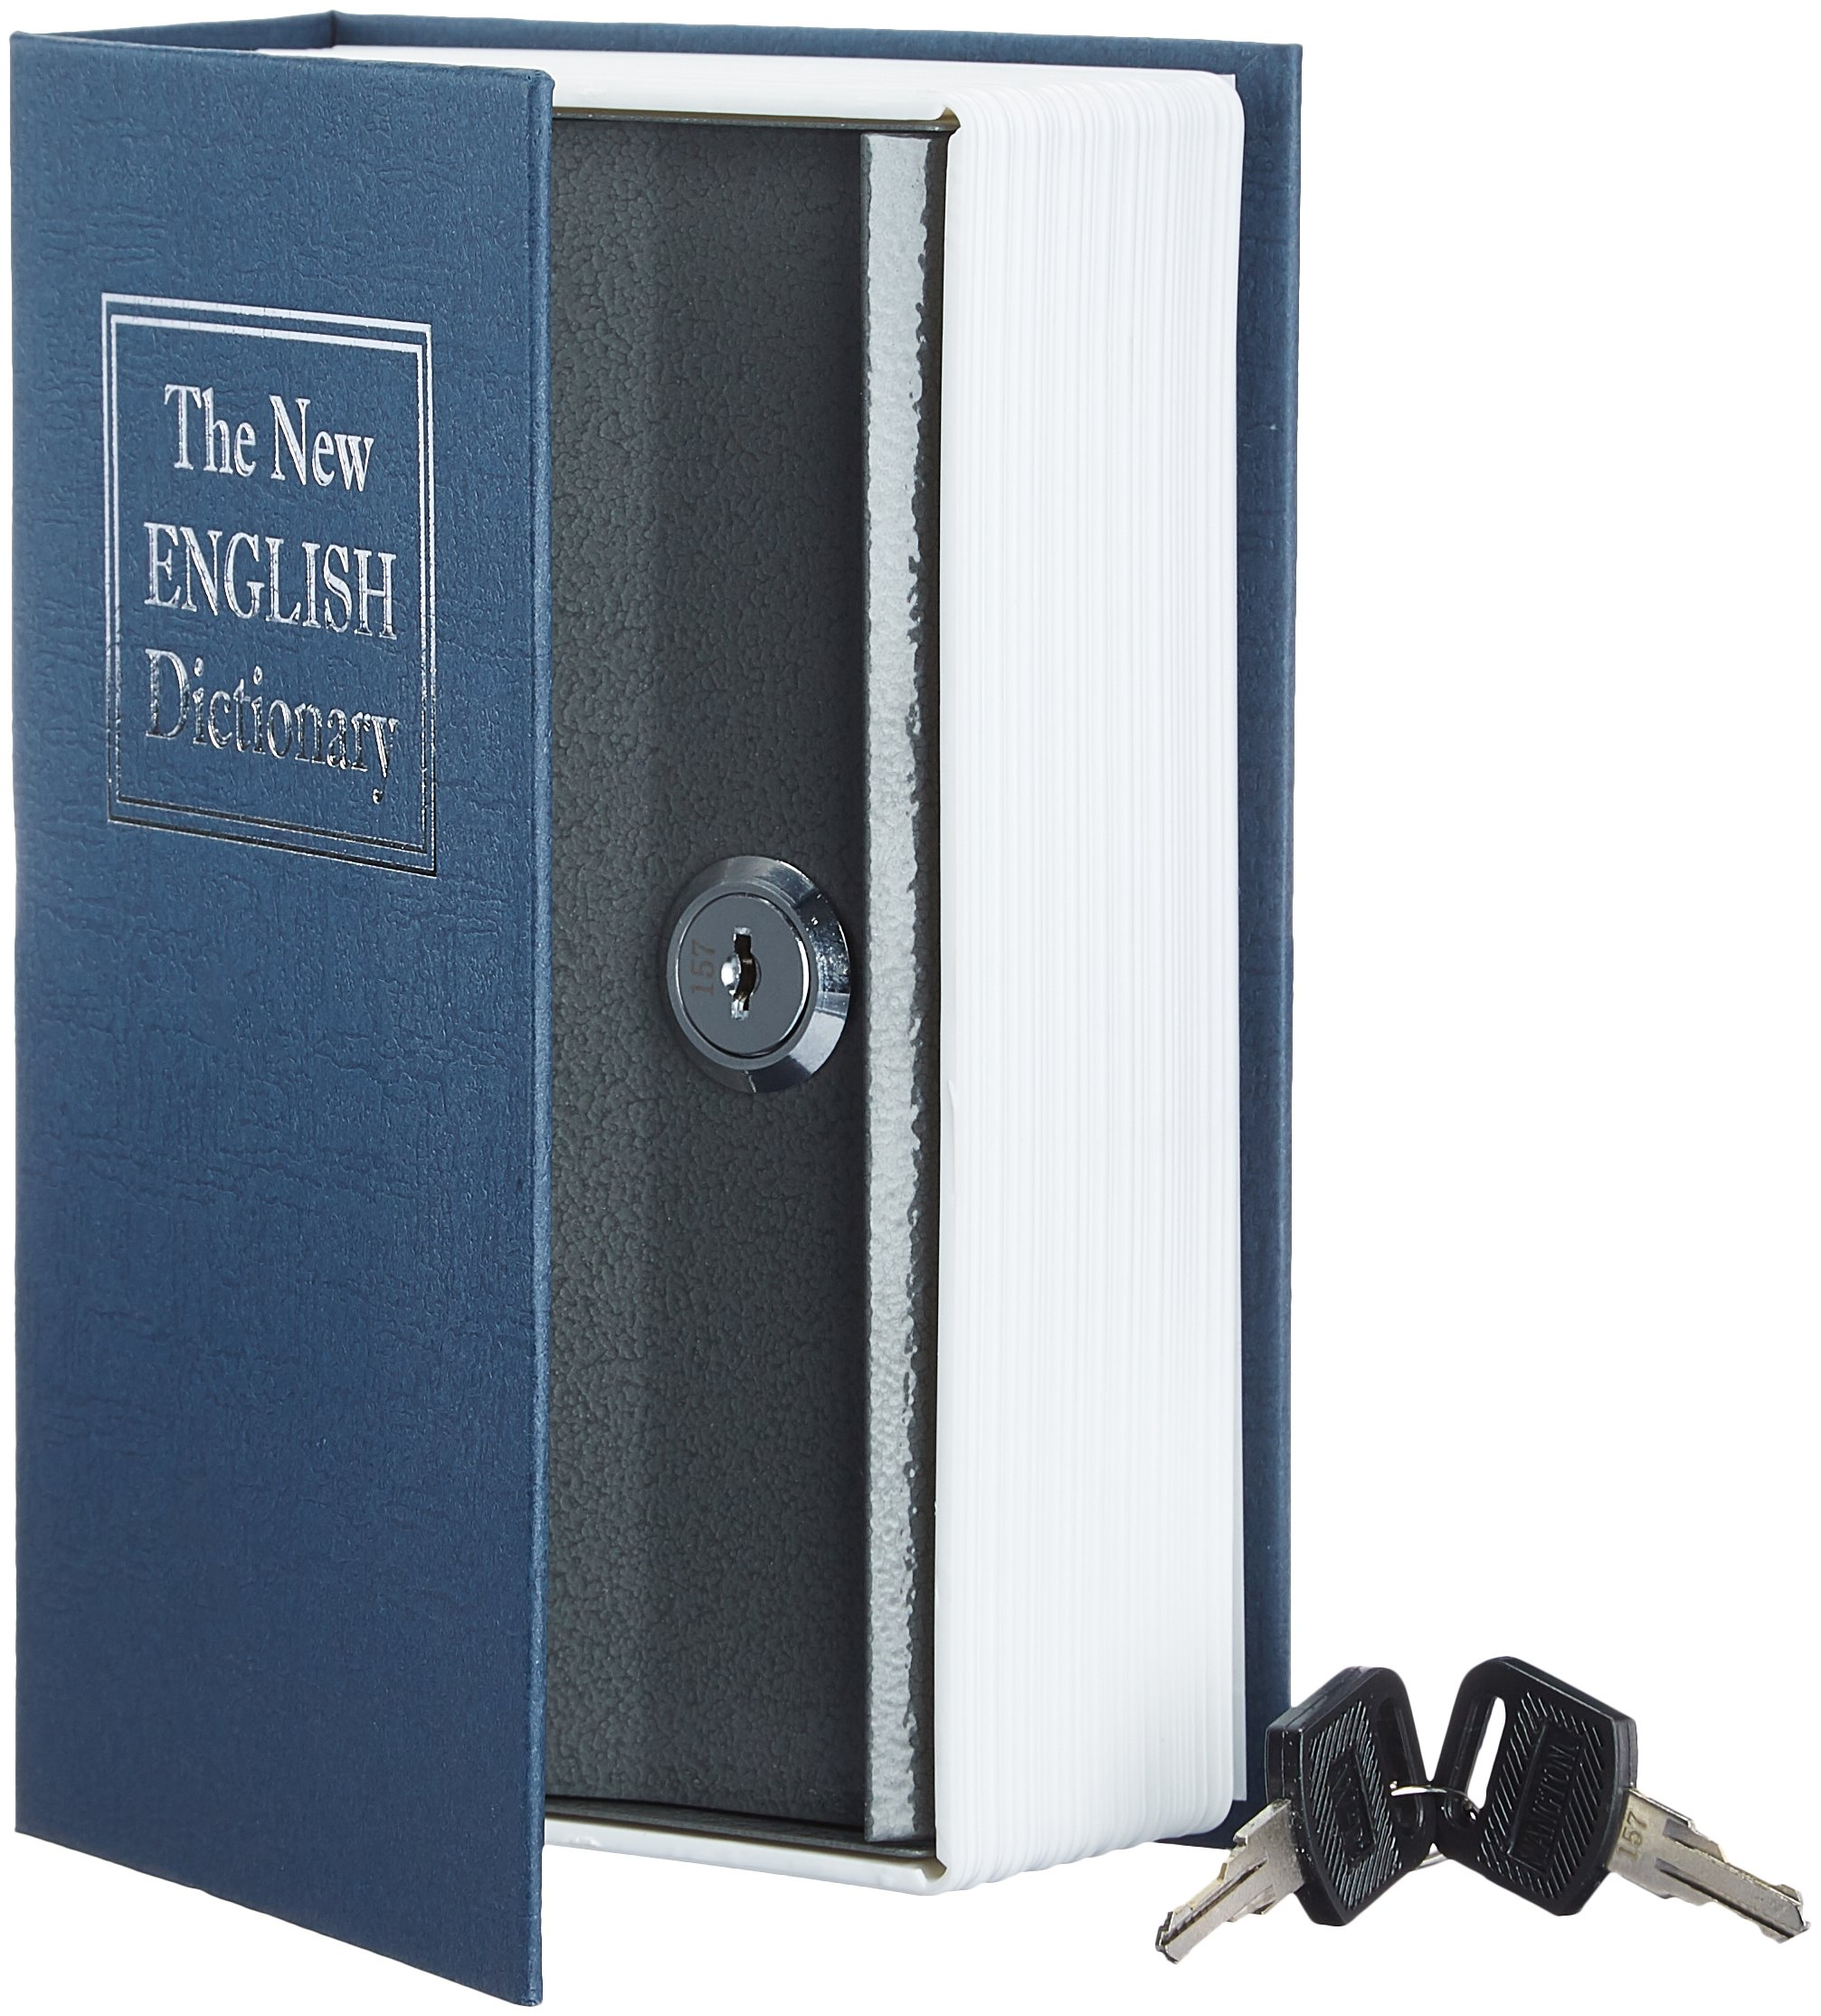 AmazonBasics - Caja de seguridad en forma de libro - Cerradura con llave (pequeña)